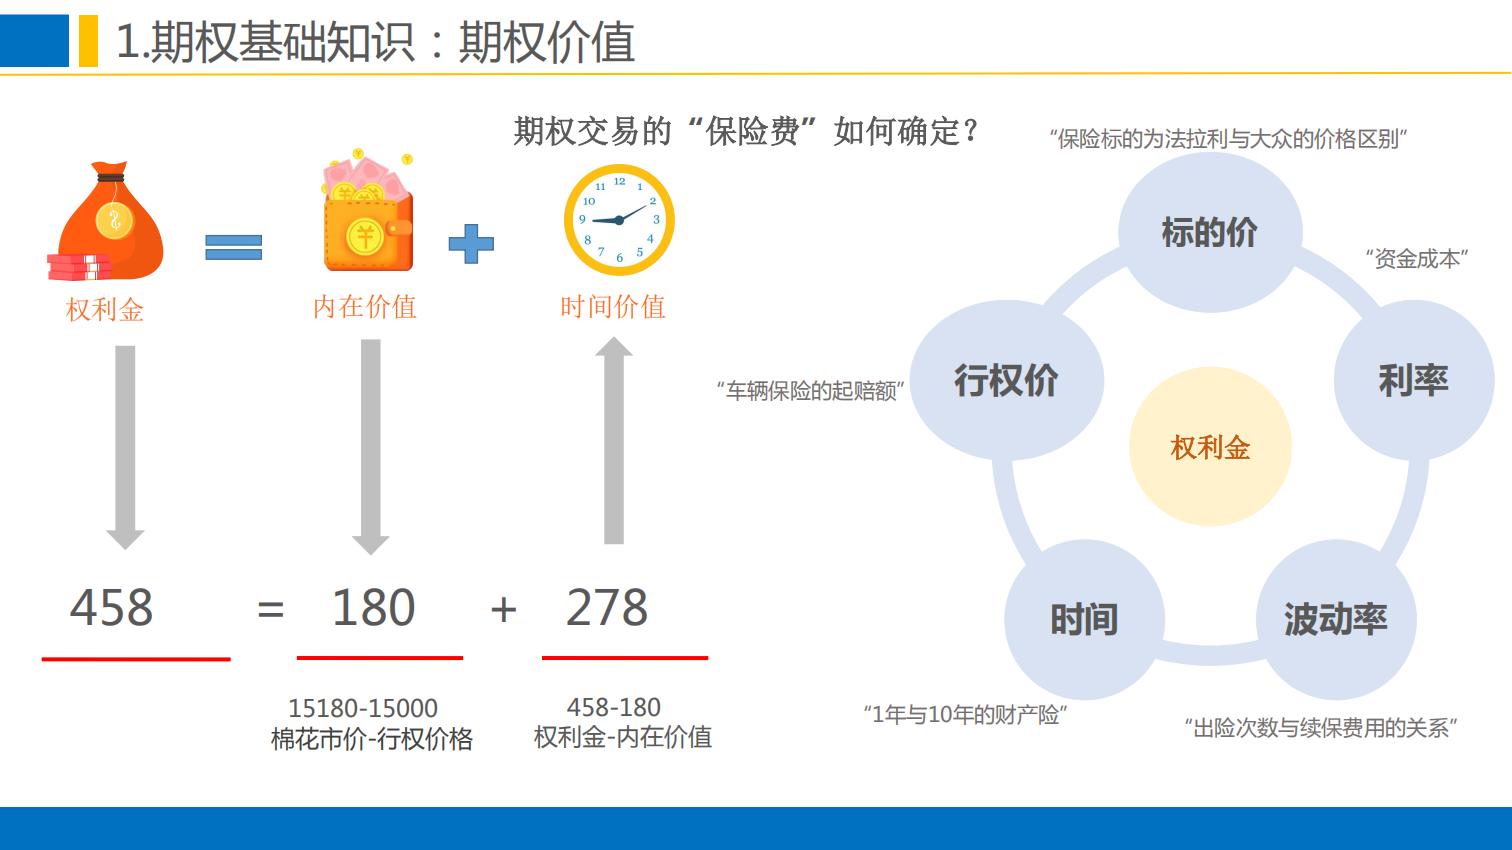 晨会:郑商所培训分享-棉花期权合约规则与上市工作安排0111.pdfx_07.png